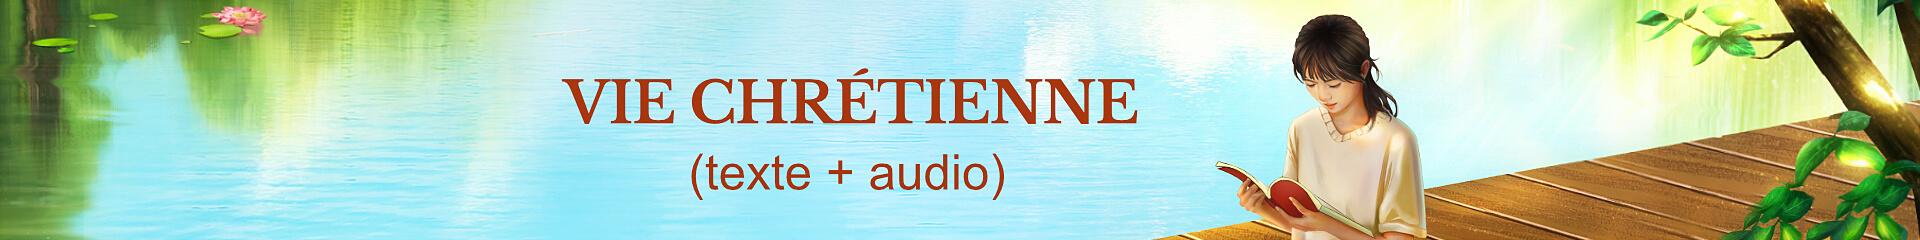 Vie chrétienne (texte + audio)